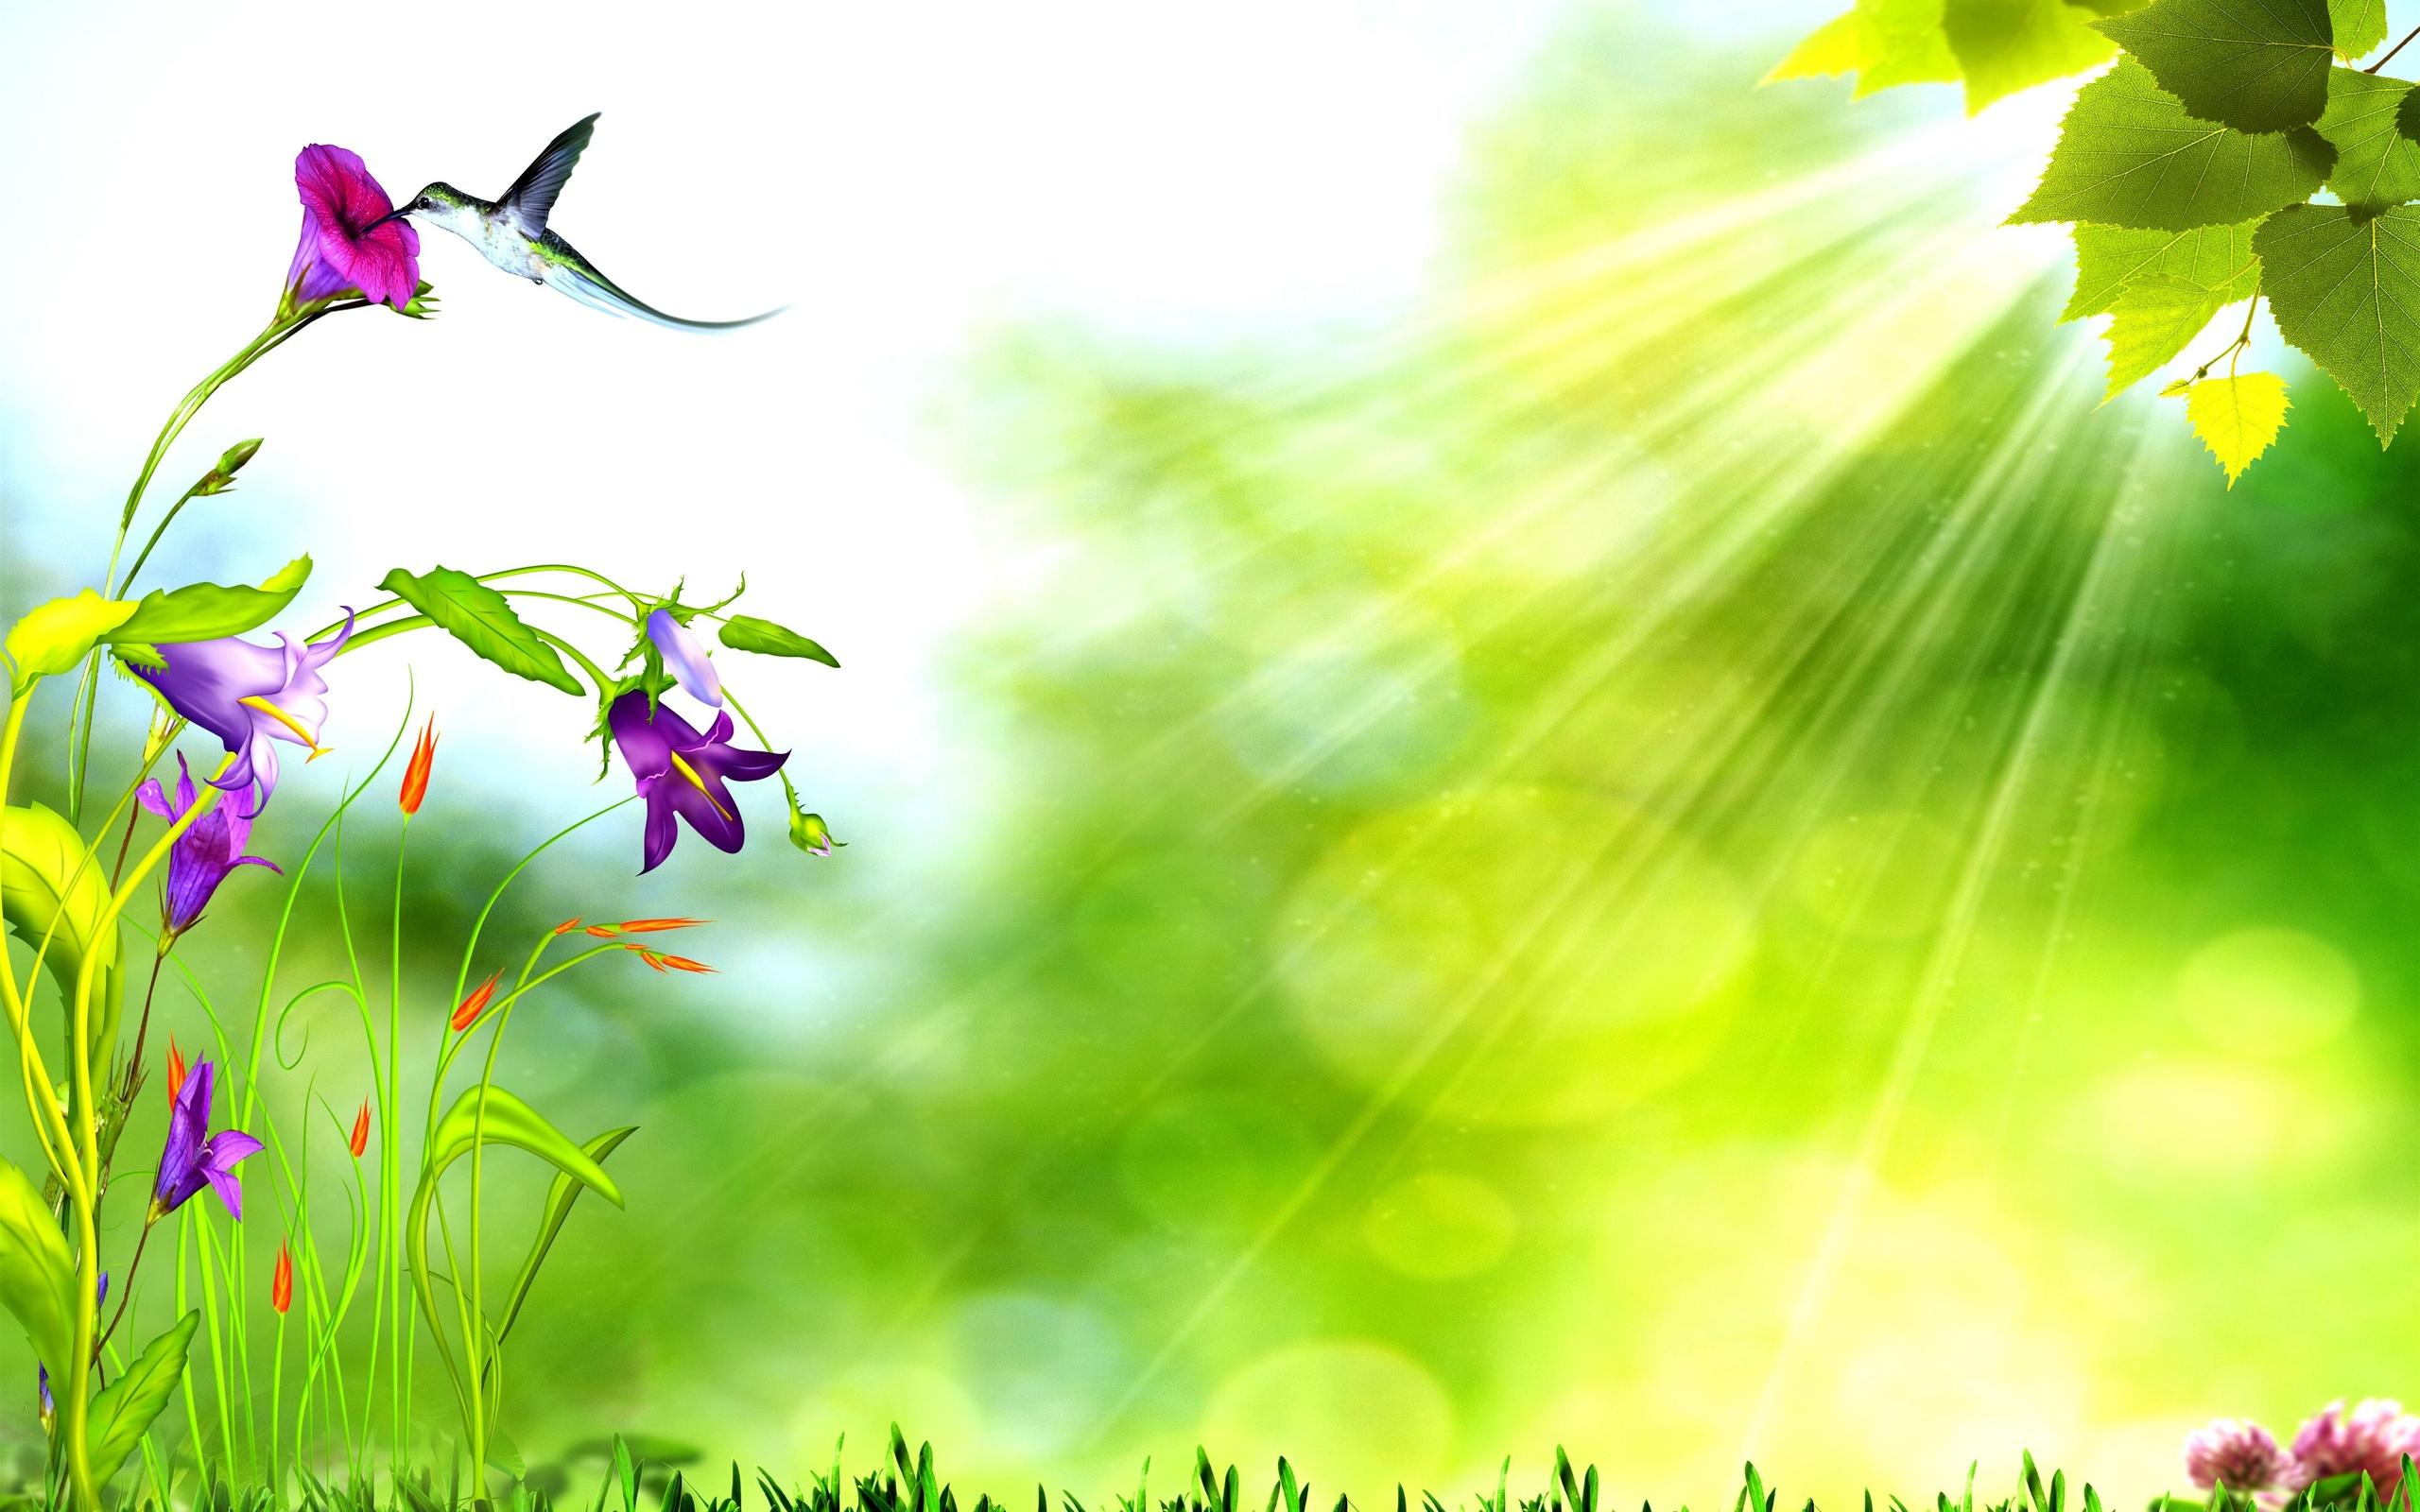 Nghệ thuật với phông màu xanh lá cây